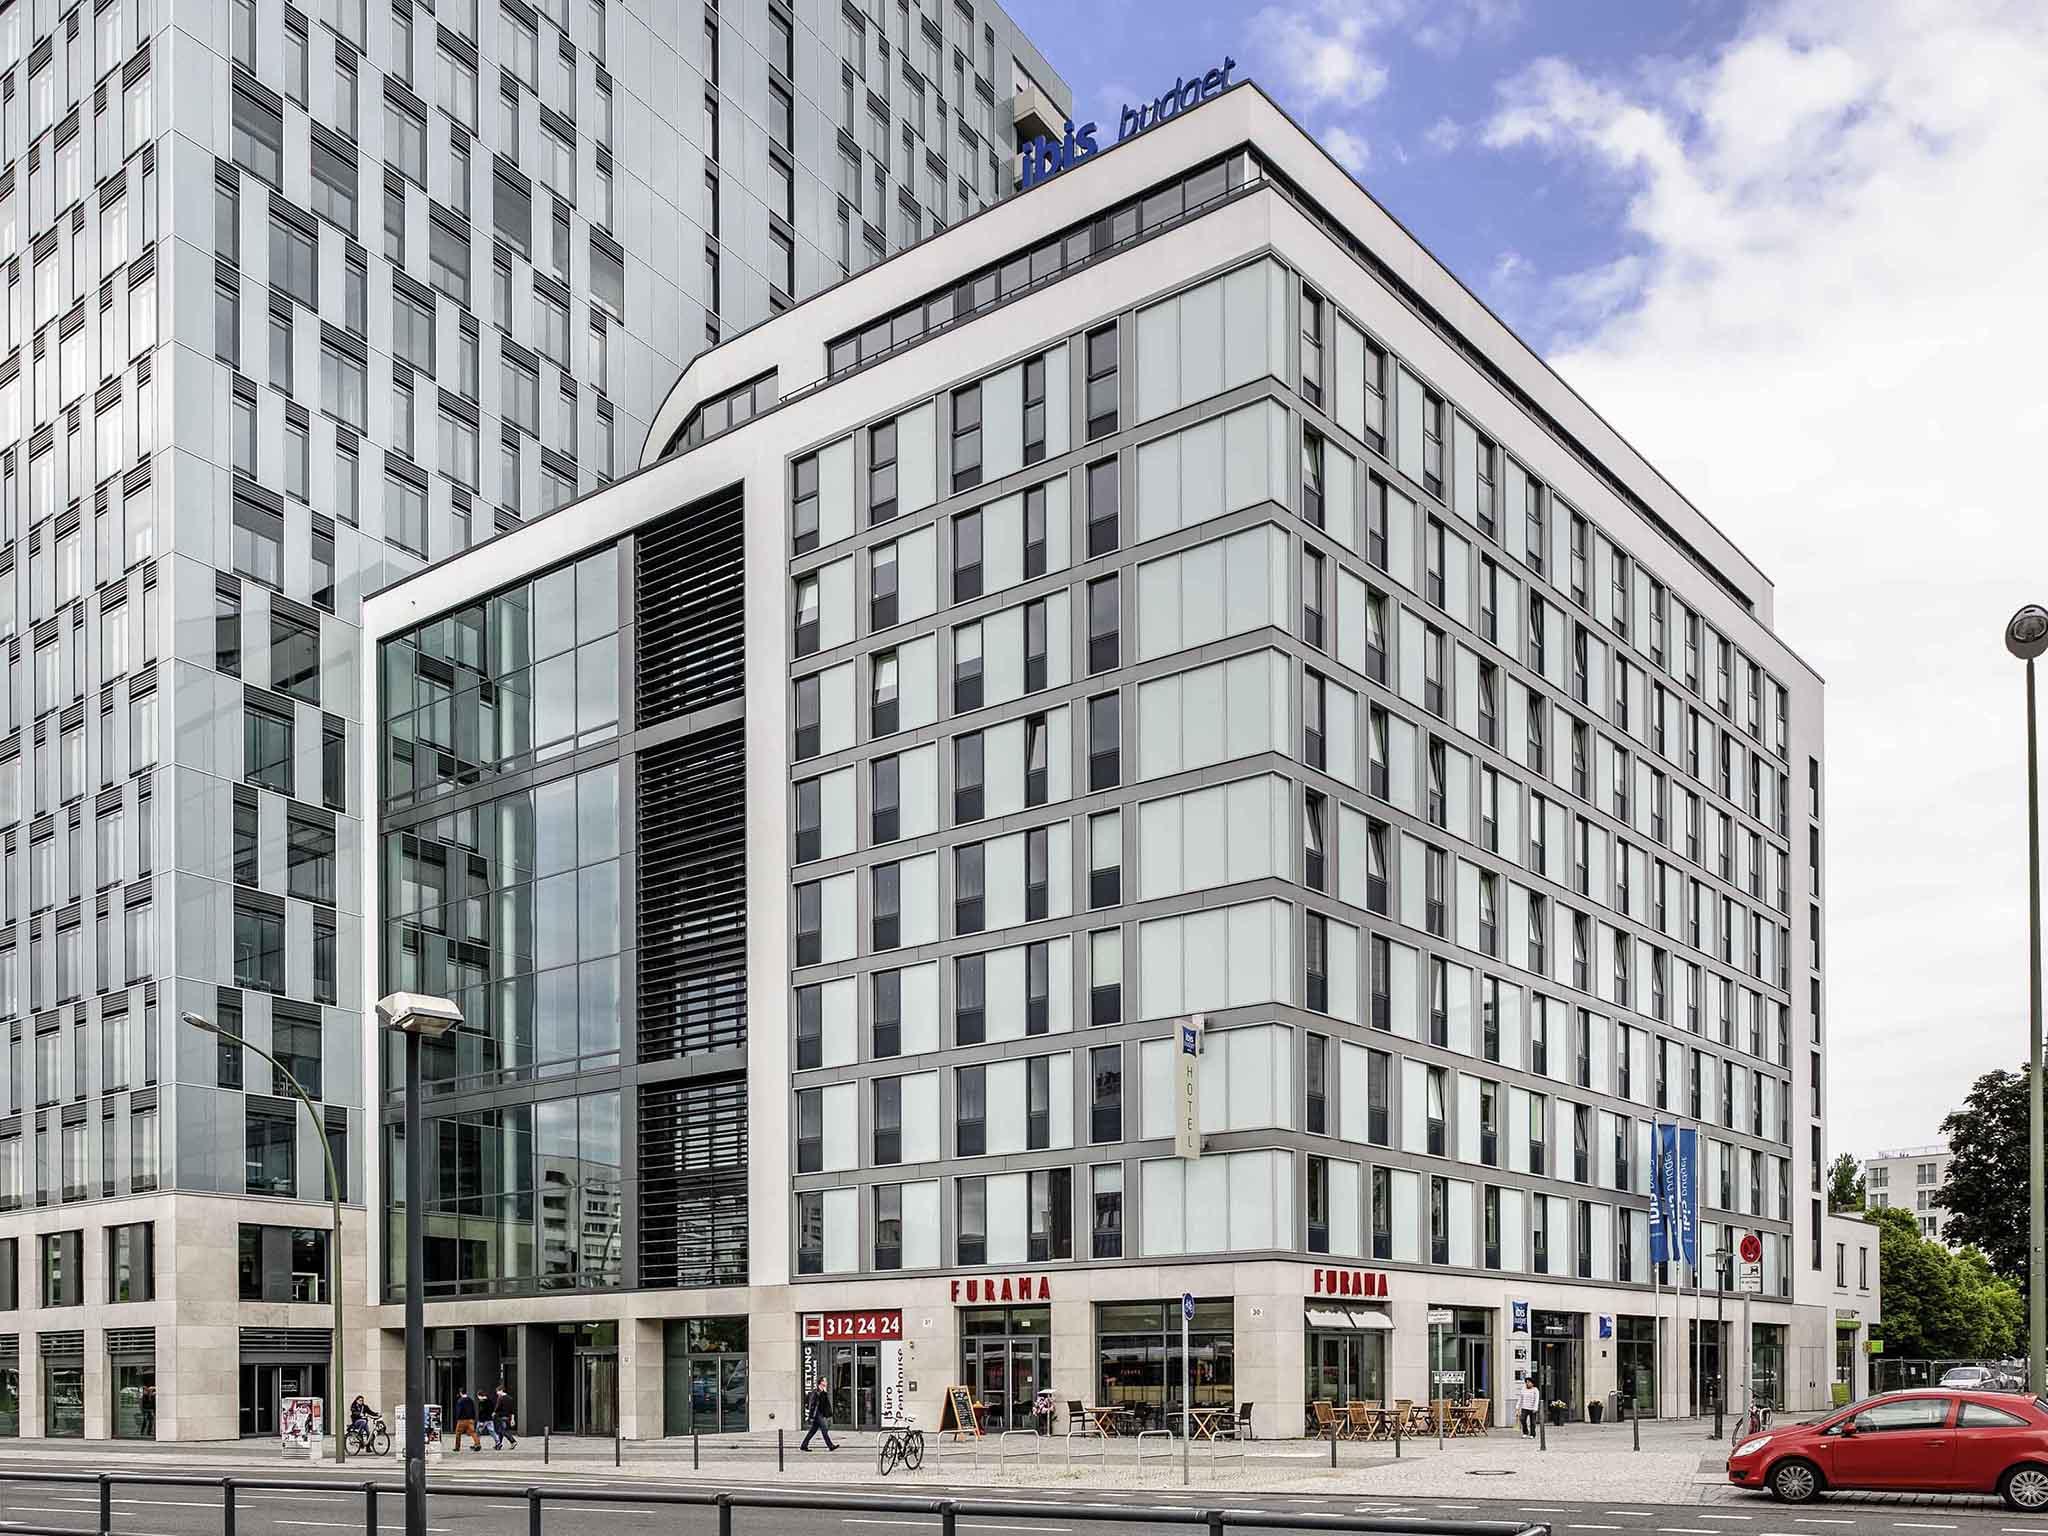 Hotel Ibis Budget Berlin Alexanderplatz Berlin